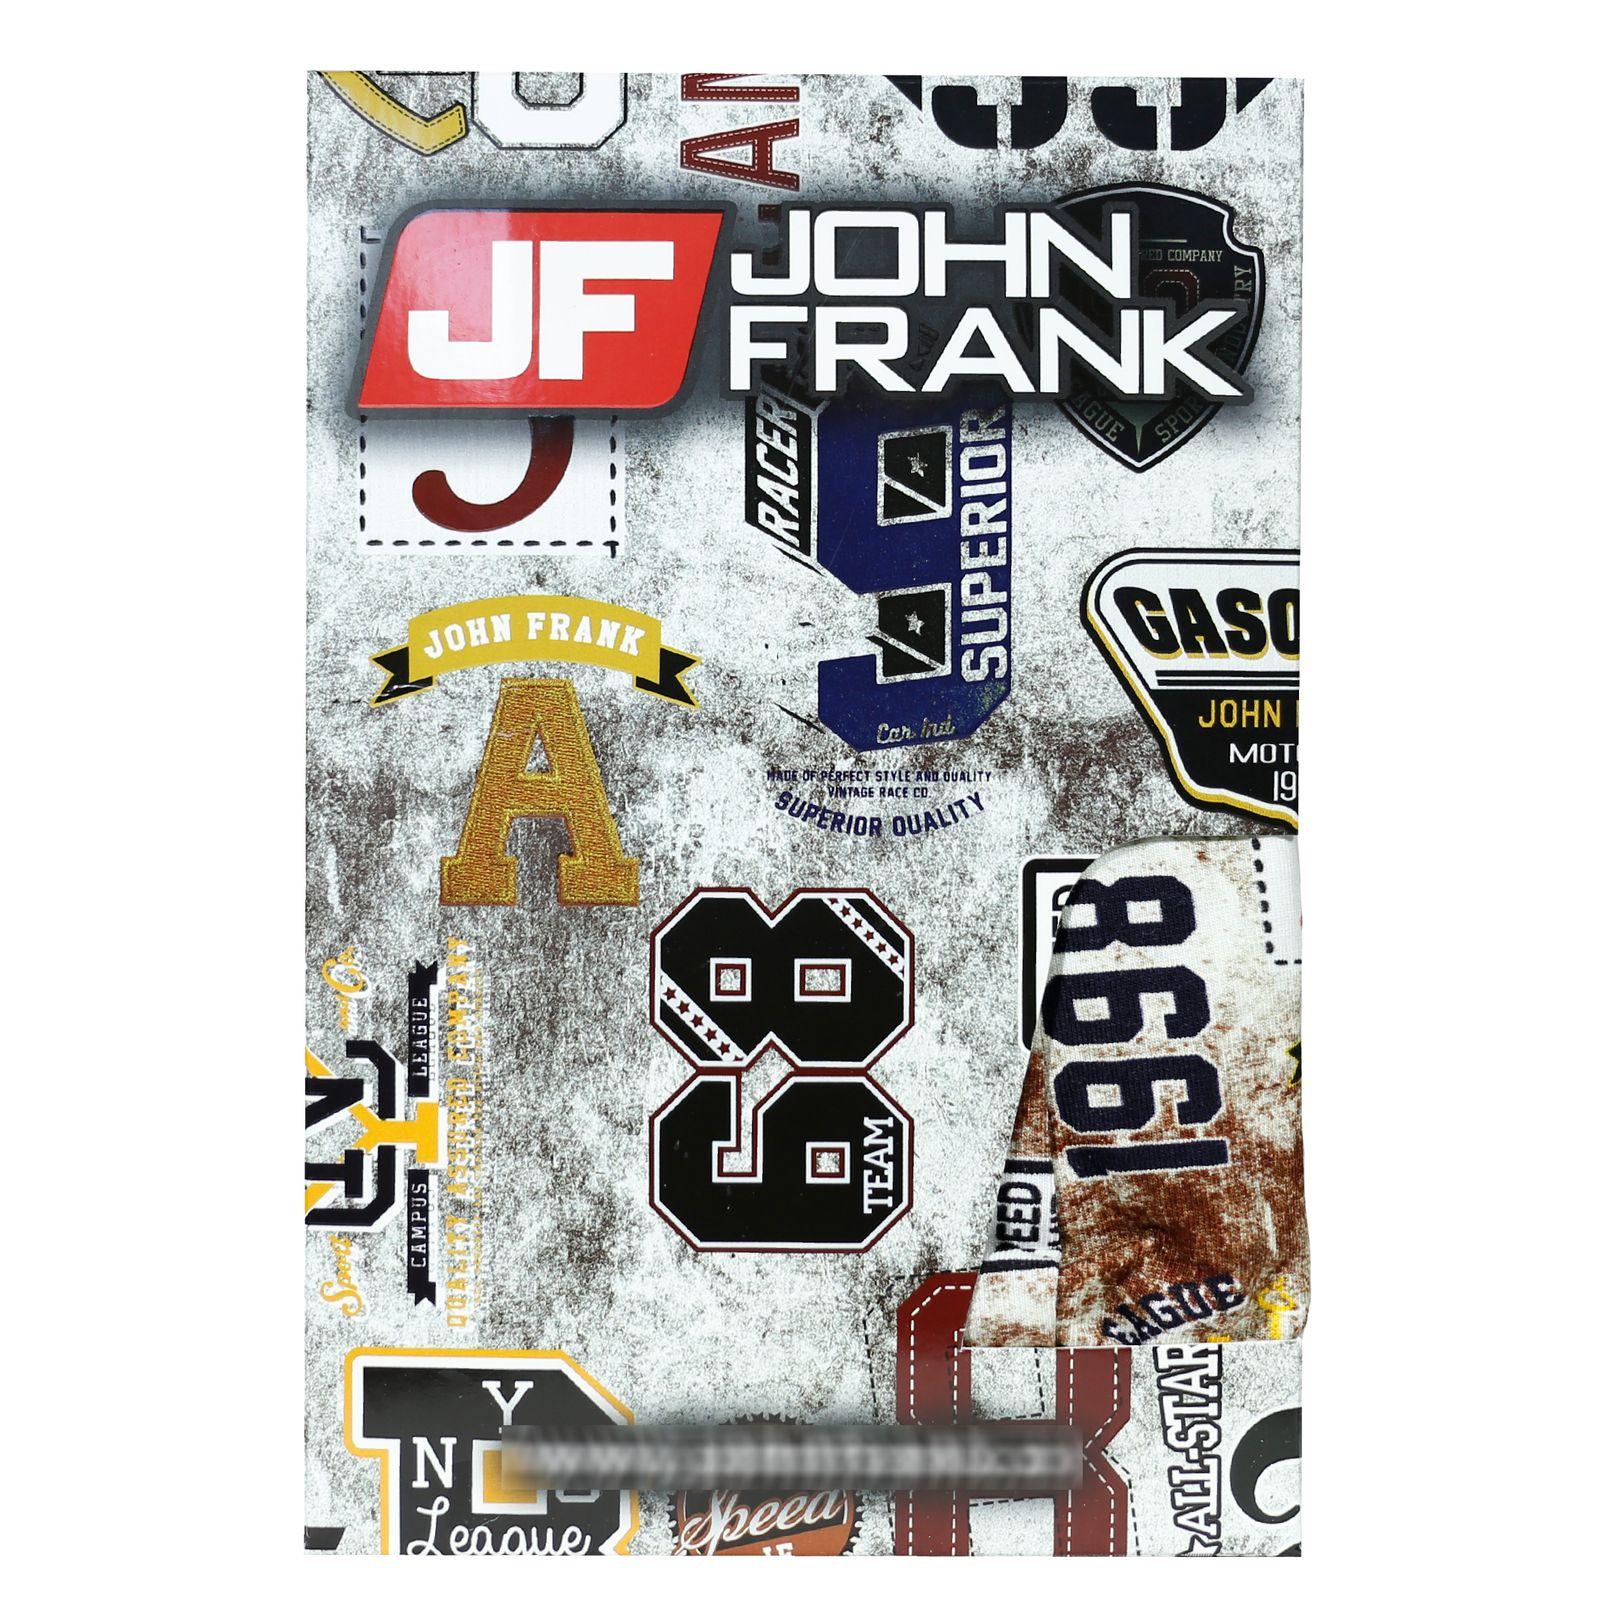 شورت مردانه جان فرانک کد BL-JB 104 -  - 5